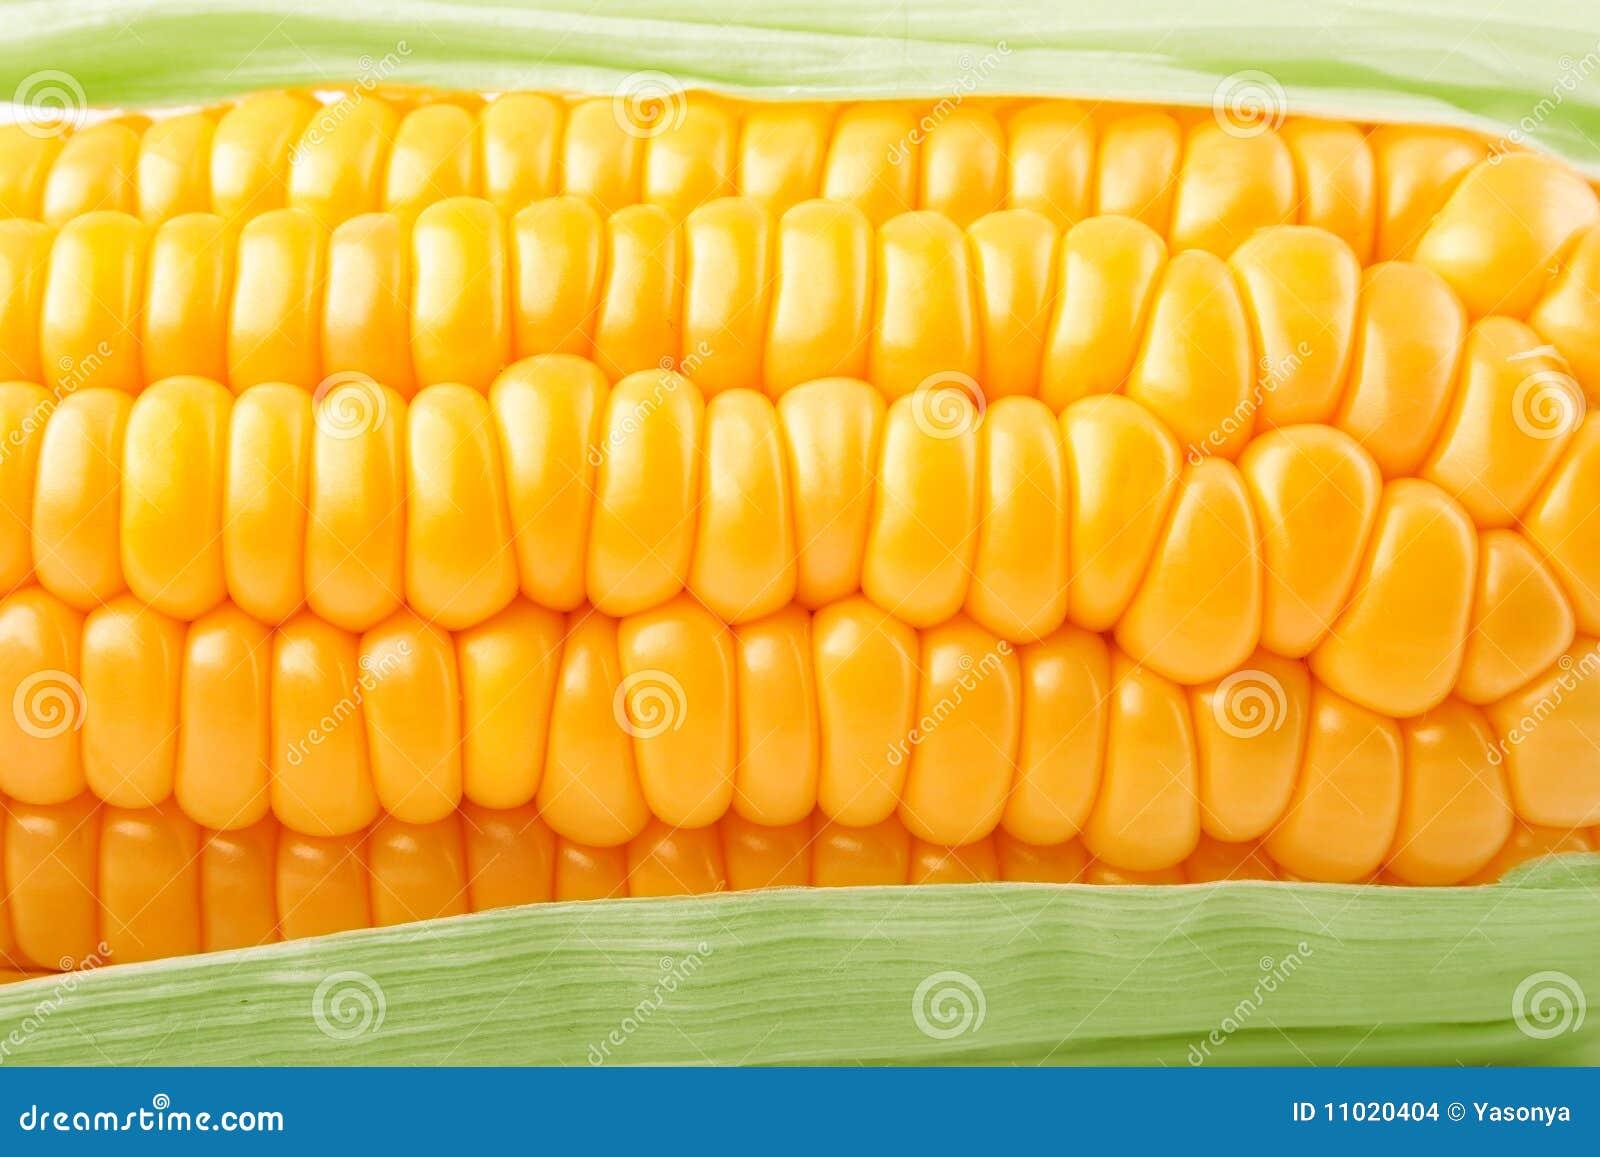 Tekstury kukurydzany świeży warzywo